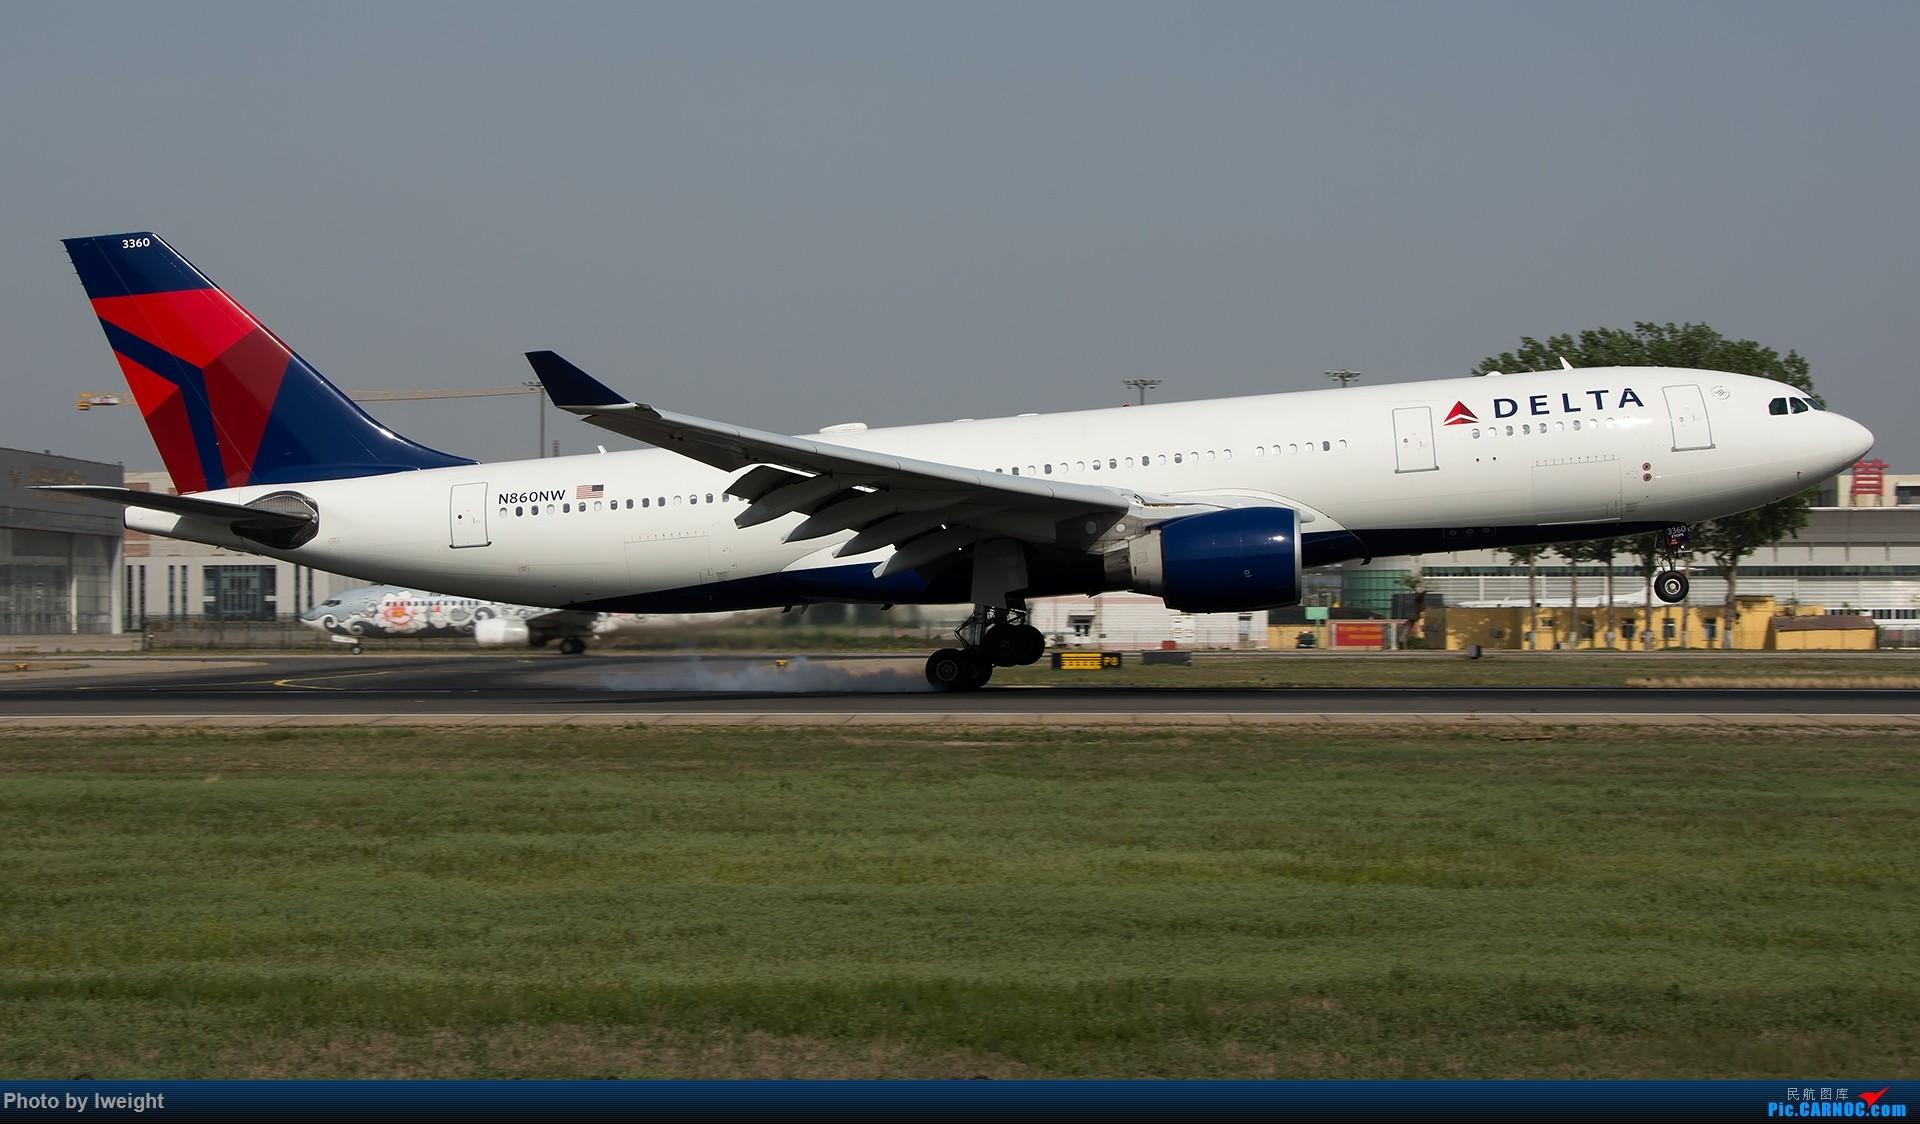 Re:[原创]天气晴朗,继续守候18R【多图】 AIRBUS A330-200 N860NW 中国北京首都国际机场